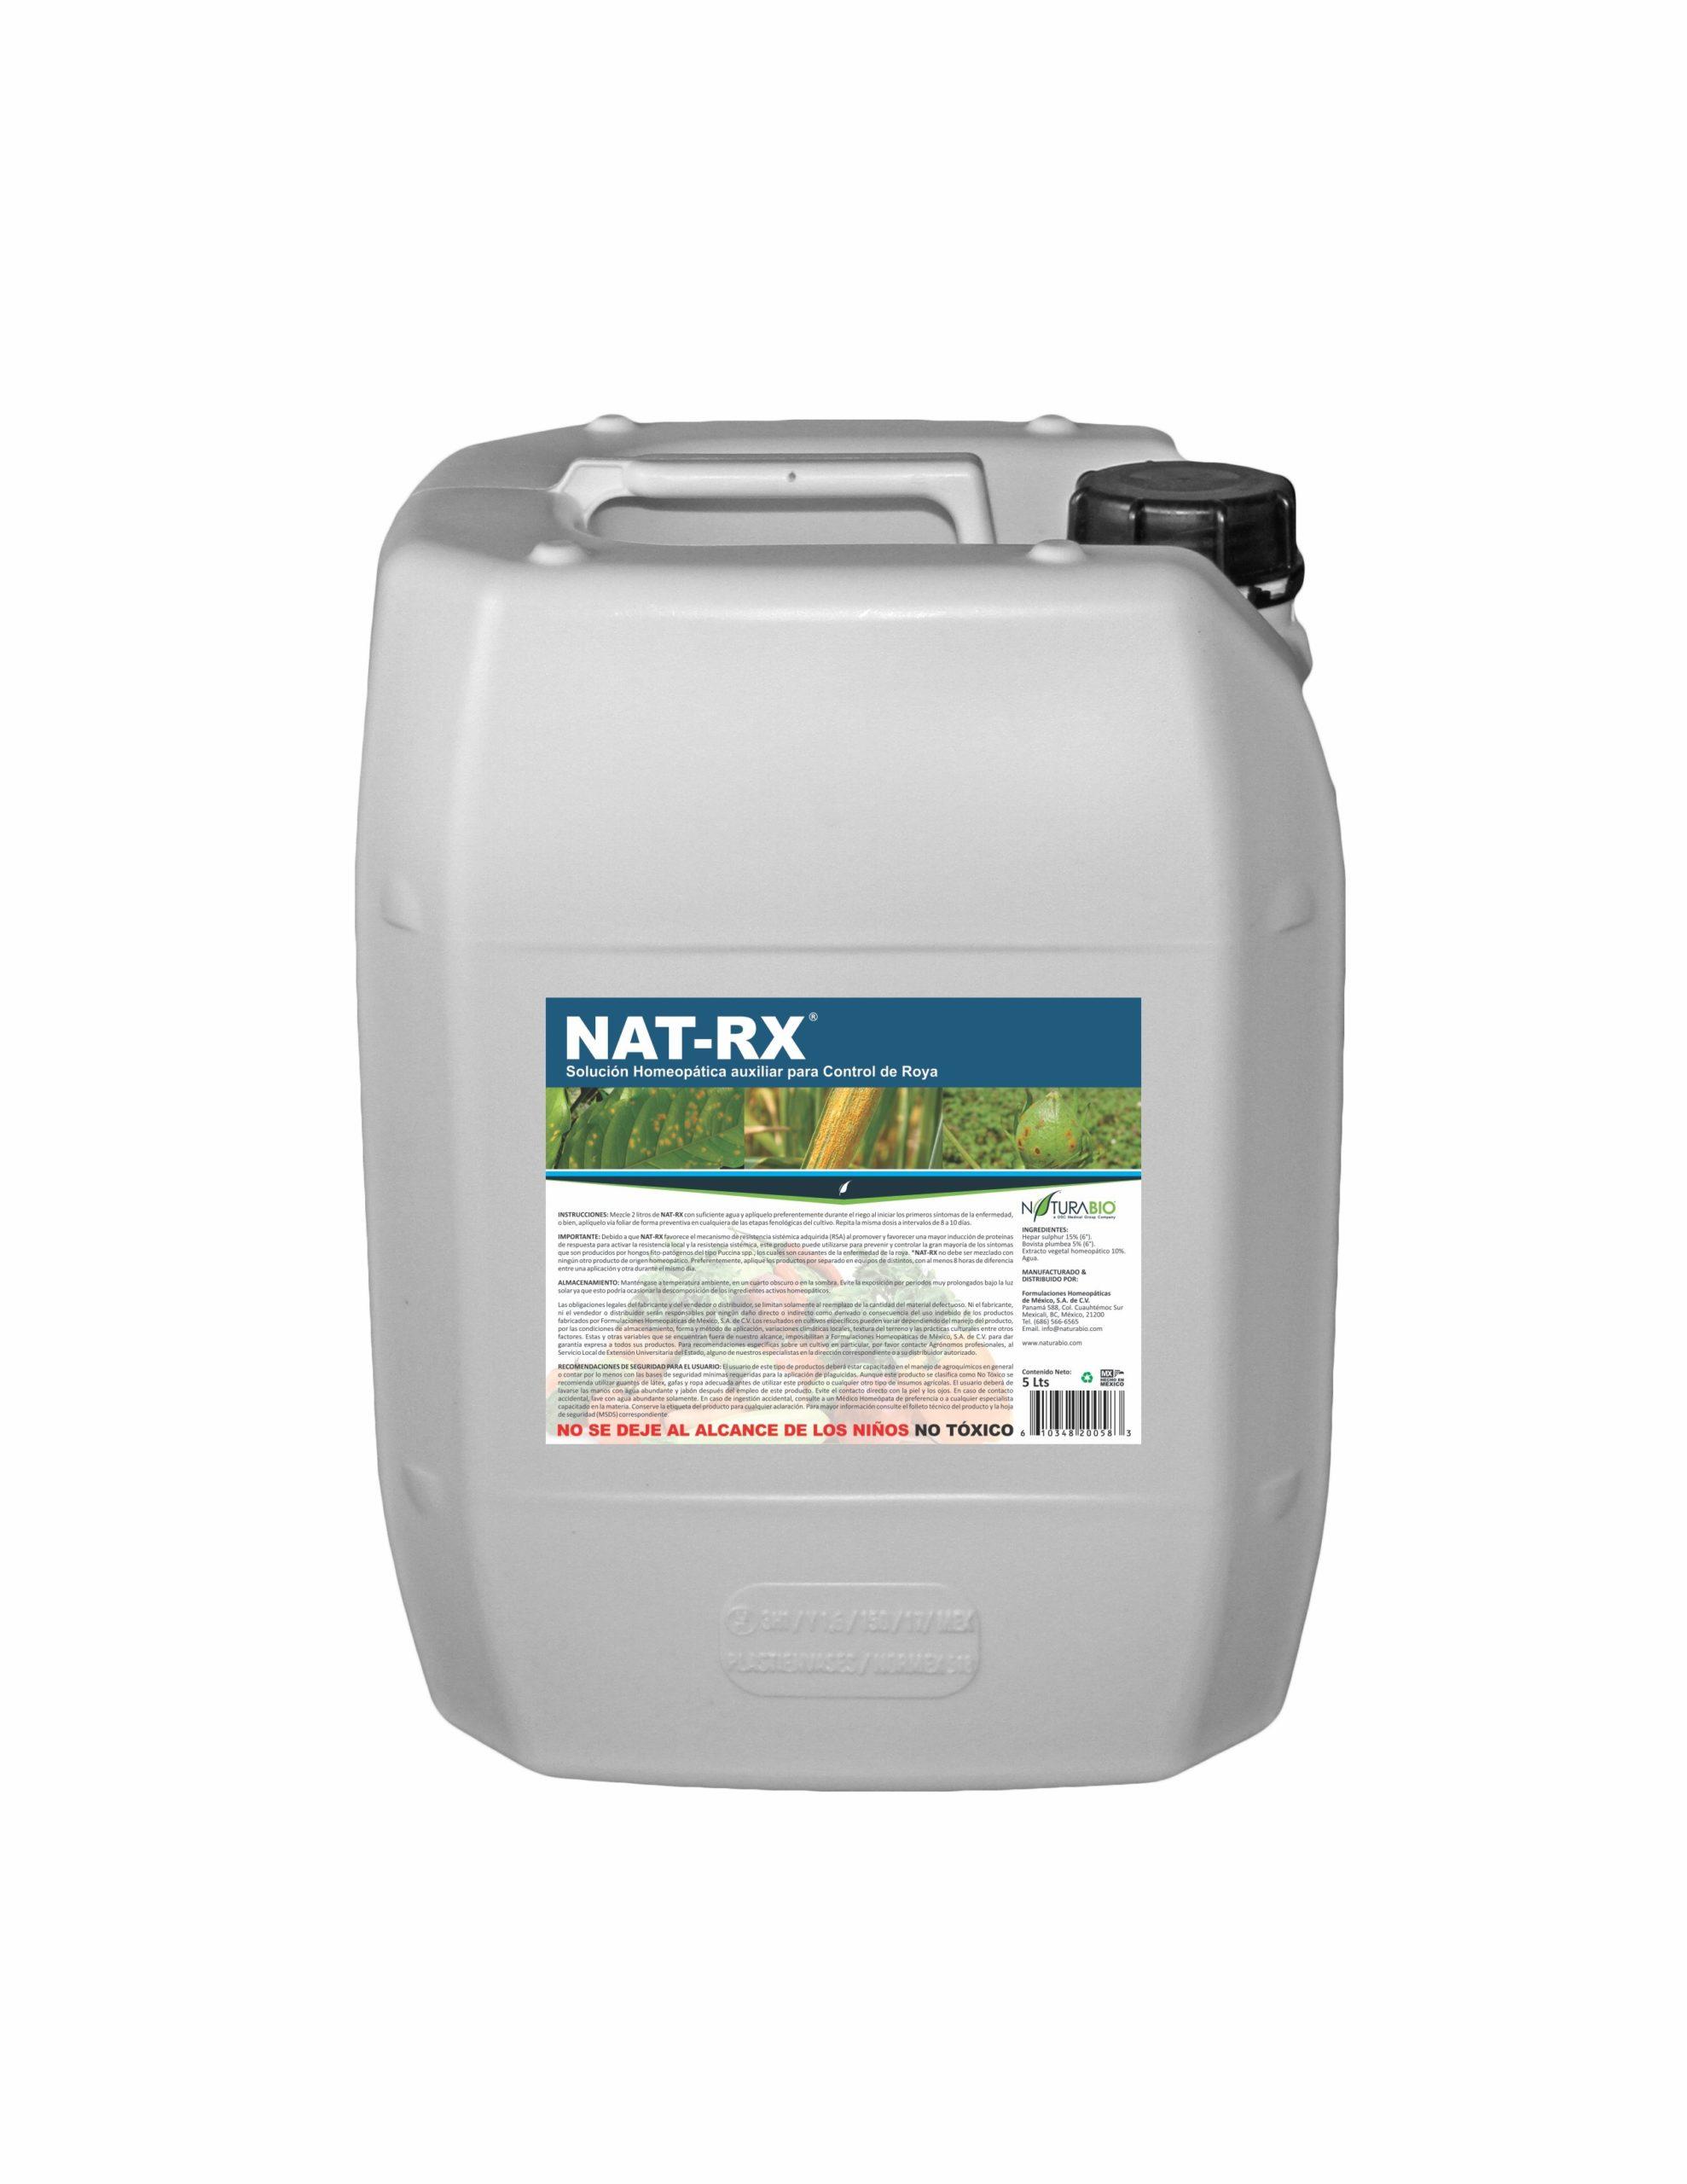 NAT-RX Solución Homeopática auxiliar para Control de Roya